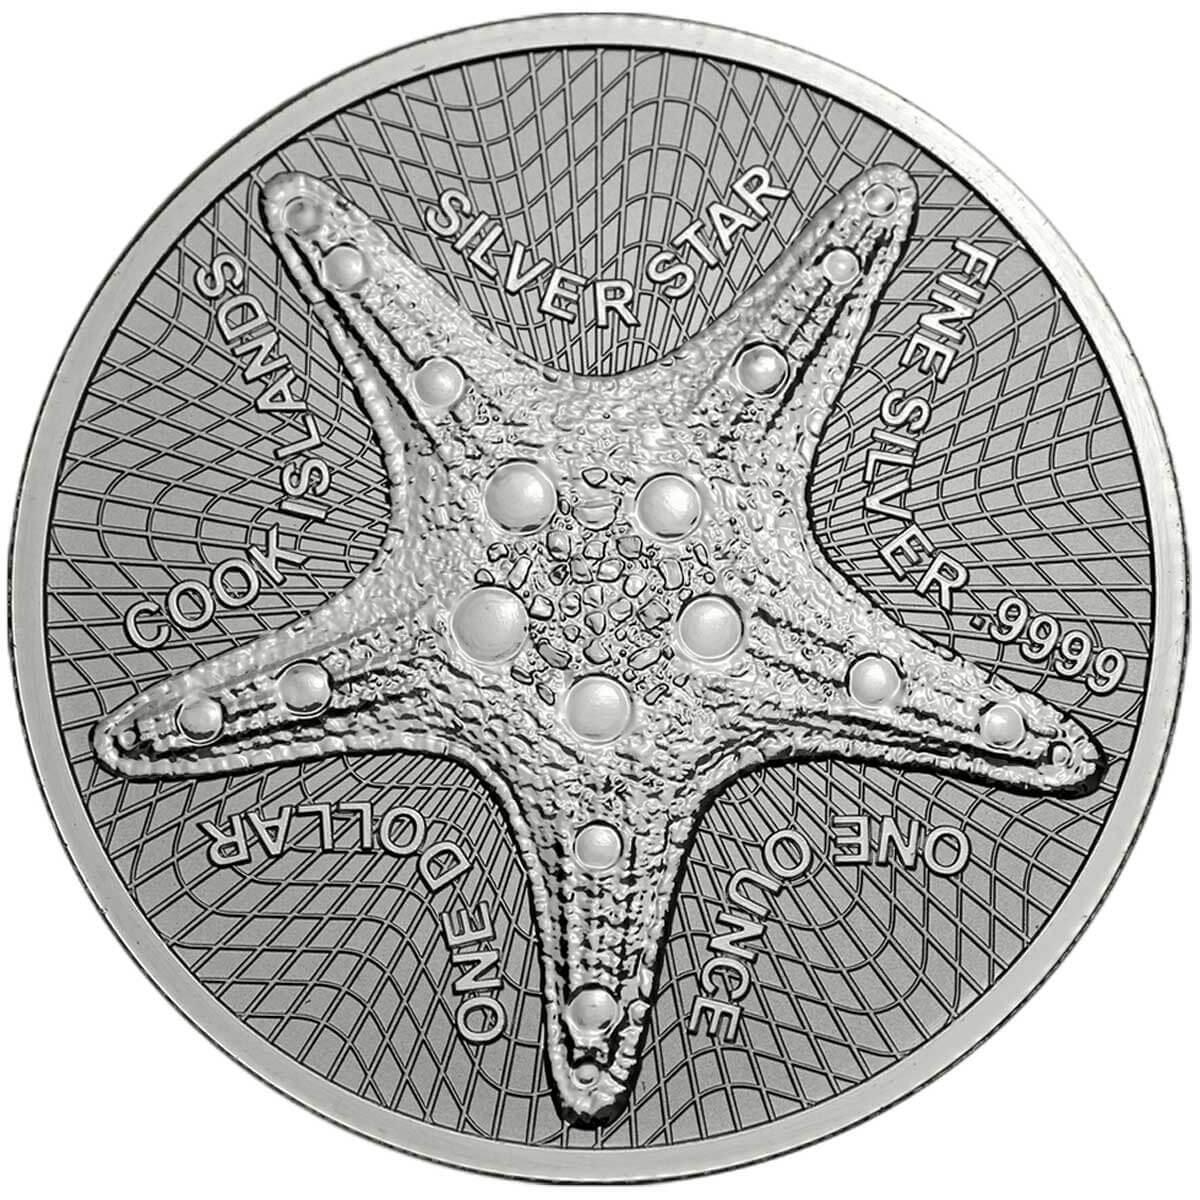 moneda estrella de mar islas cook